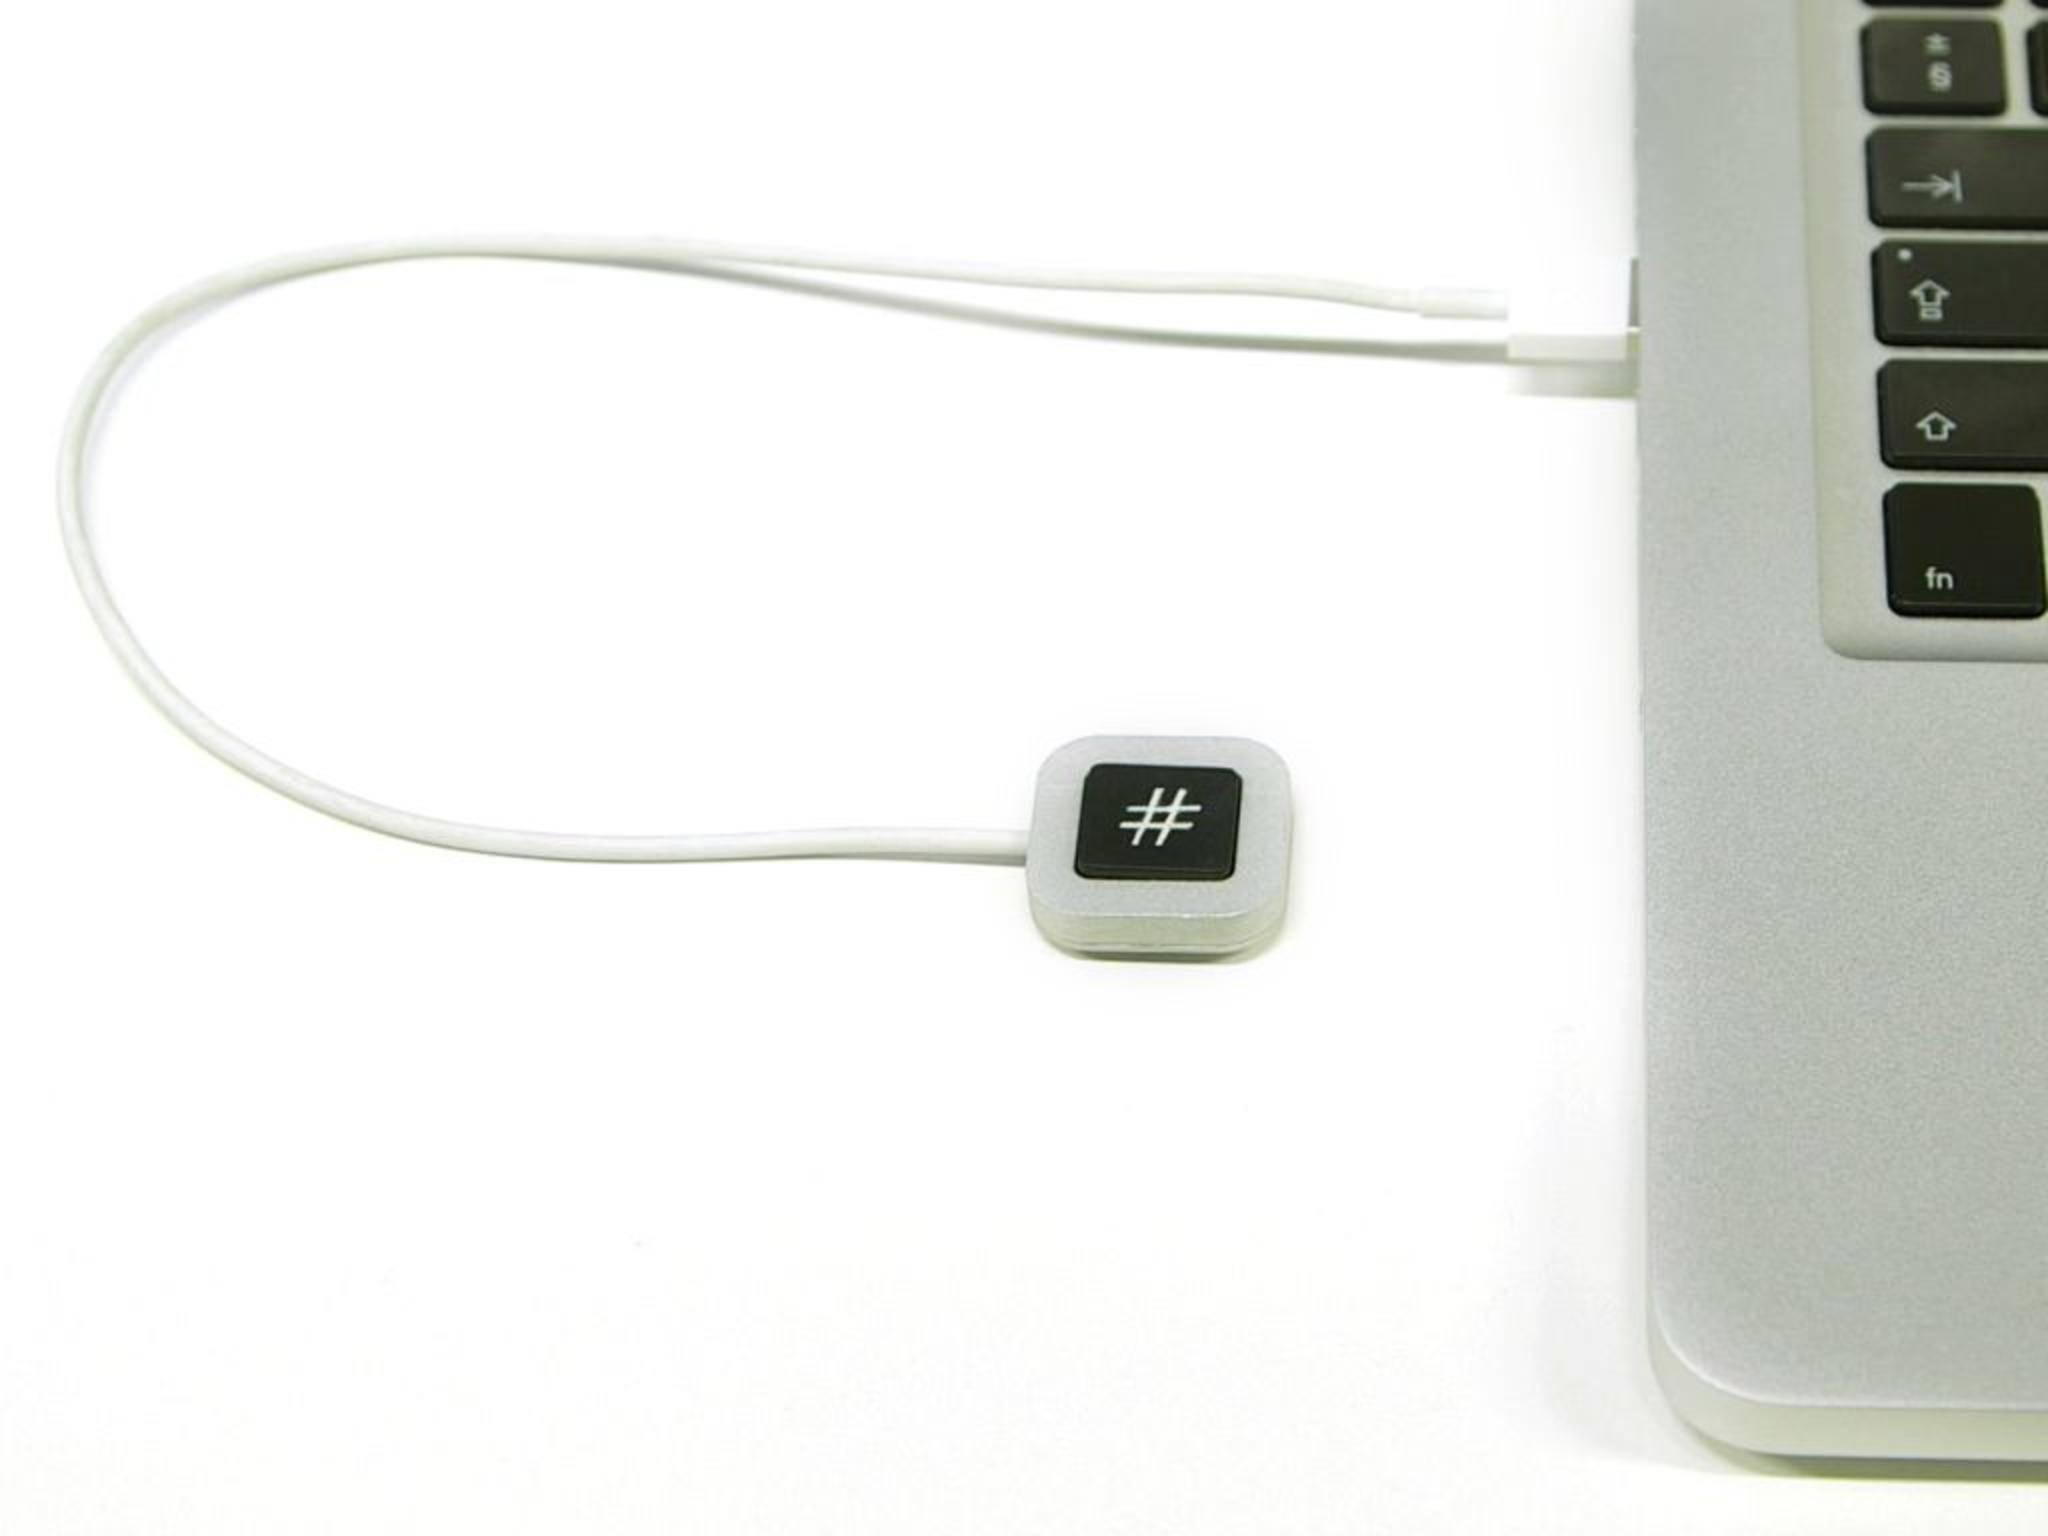 Tastatur mit nur einer Taste: HashKey soll Mac-Usern das Leben erleichtern.